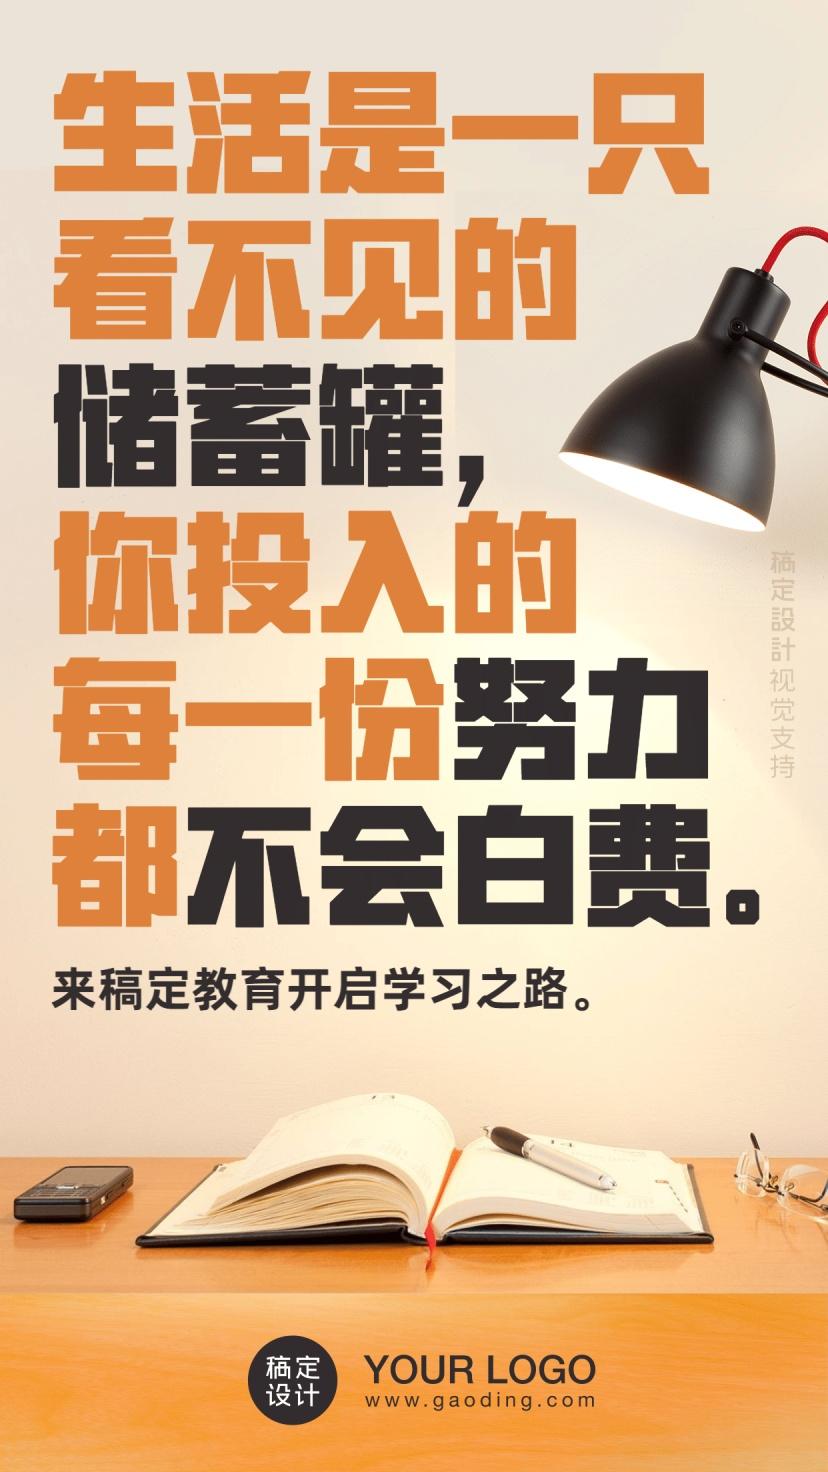 大字励志语录实景日签海报